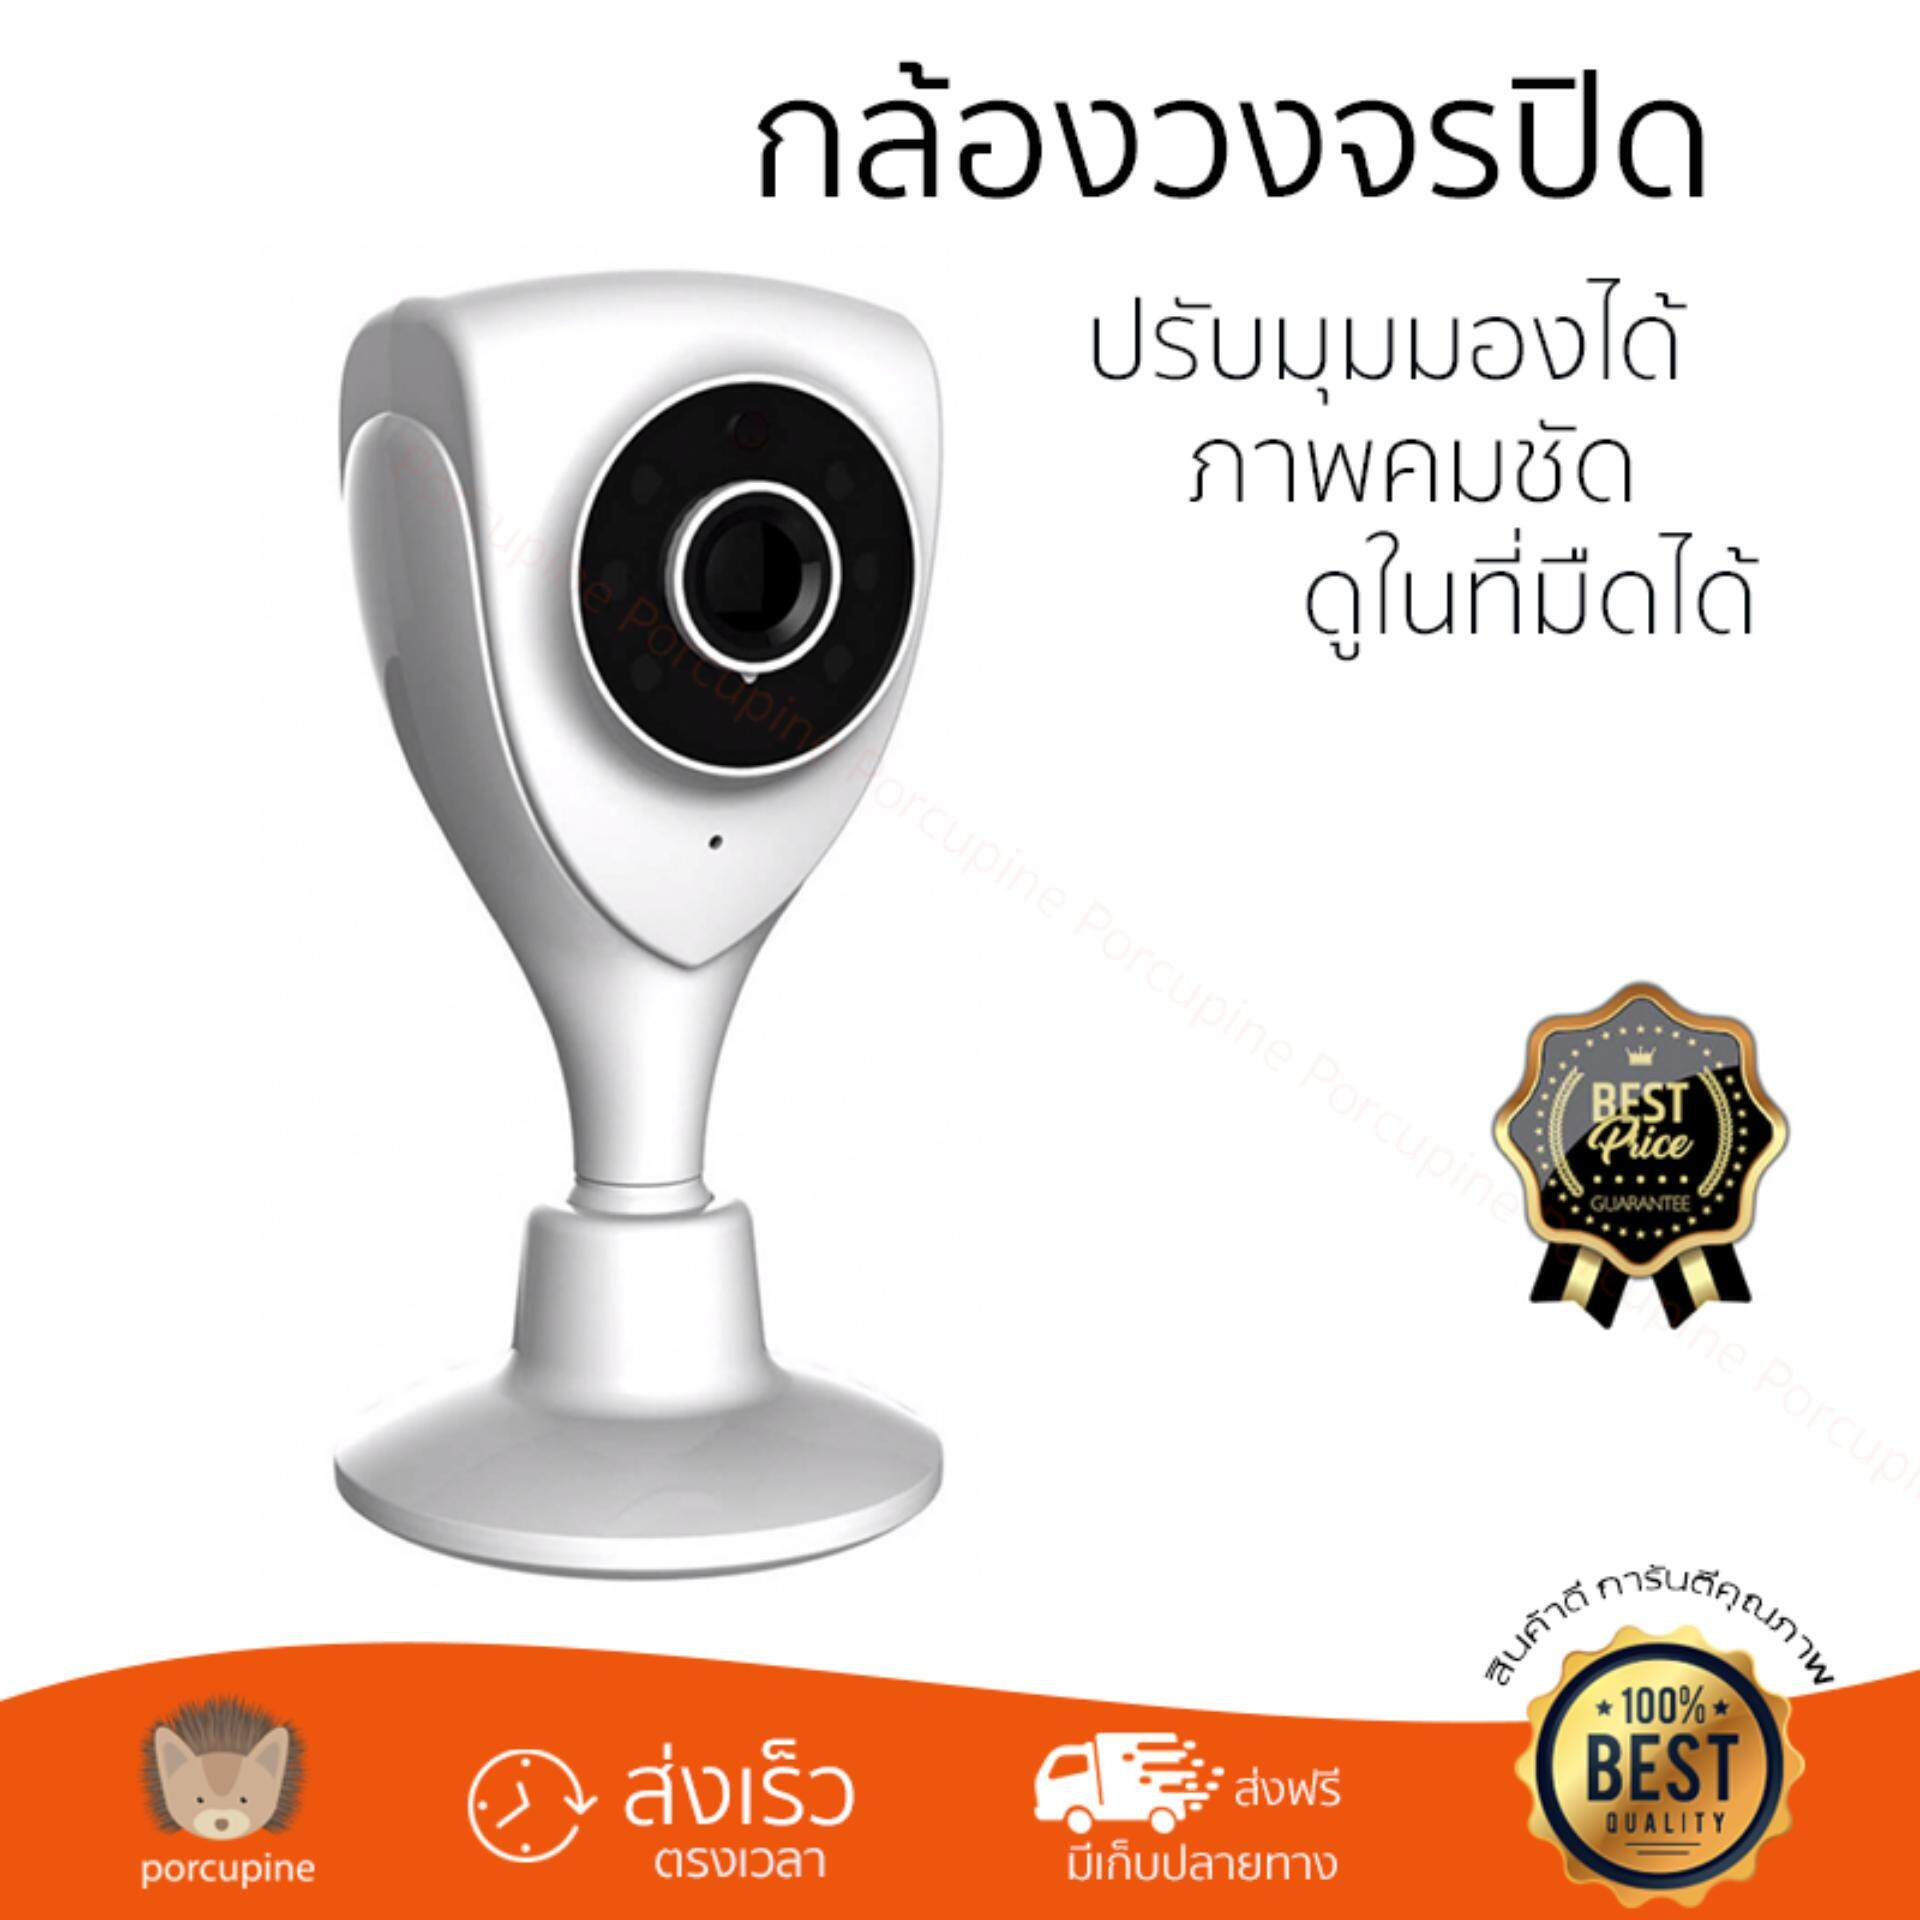 เก็บเงินปลายทางได้ โปรโมชัน กล้องวงจรปิด           VIMTAG กล้องวงจรปิดภายในบ้าน รุ่น SHIELD 720P-CM1             ภาพคมชัด ปรับมุมมองได้ กล้อง IP Camera รับประกันสินค้า 1 ปี จัดส่งฟรี Kerry ทั่วประเทศ